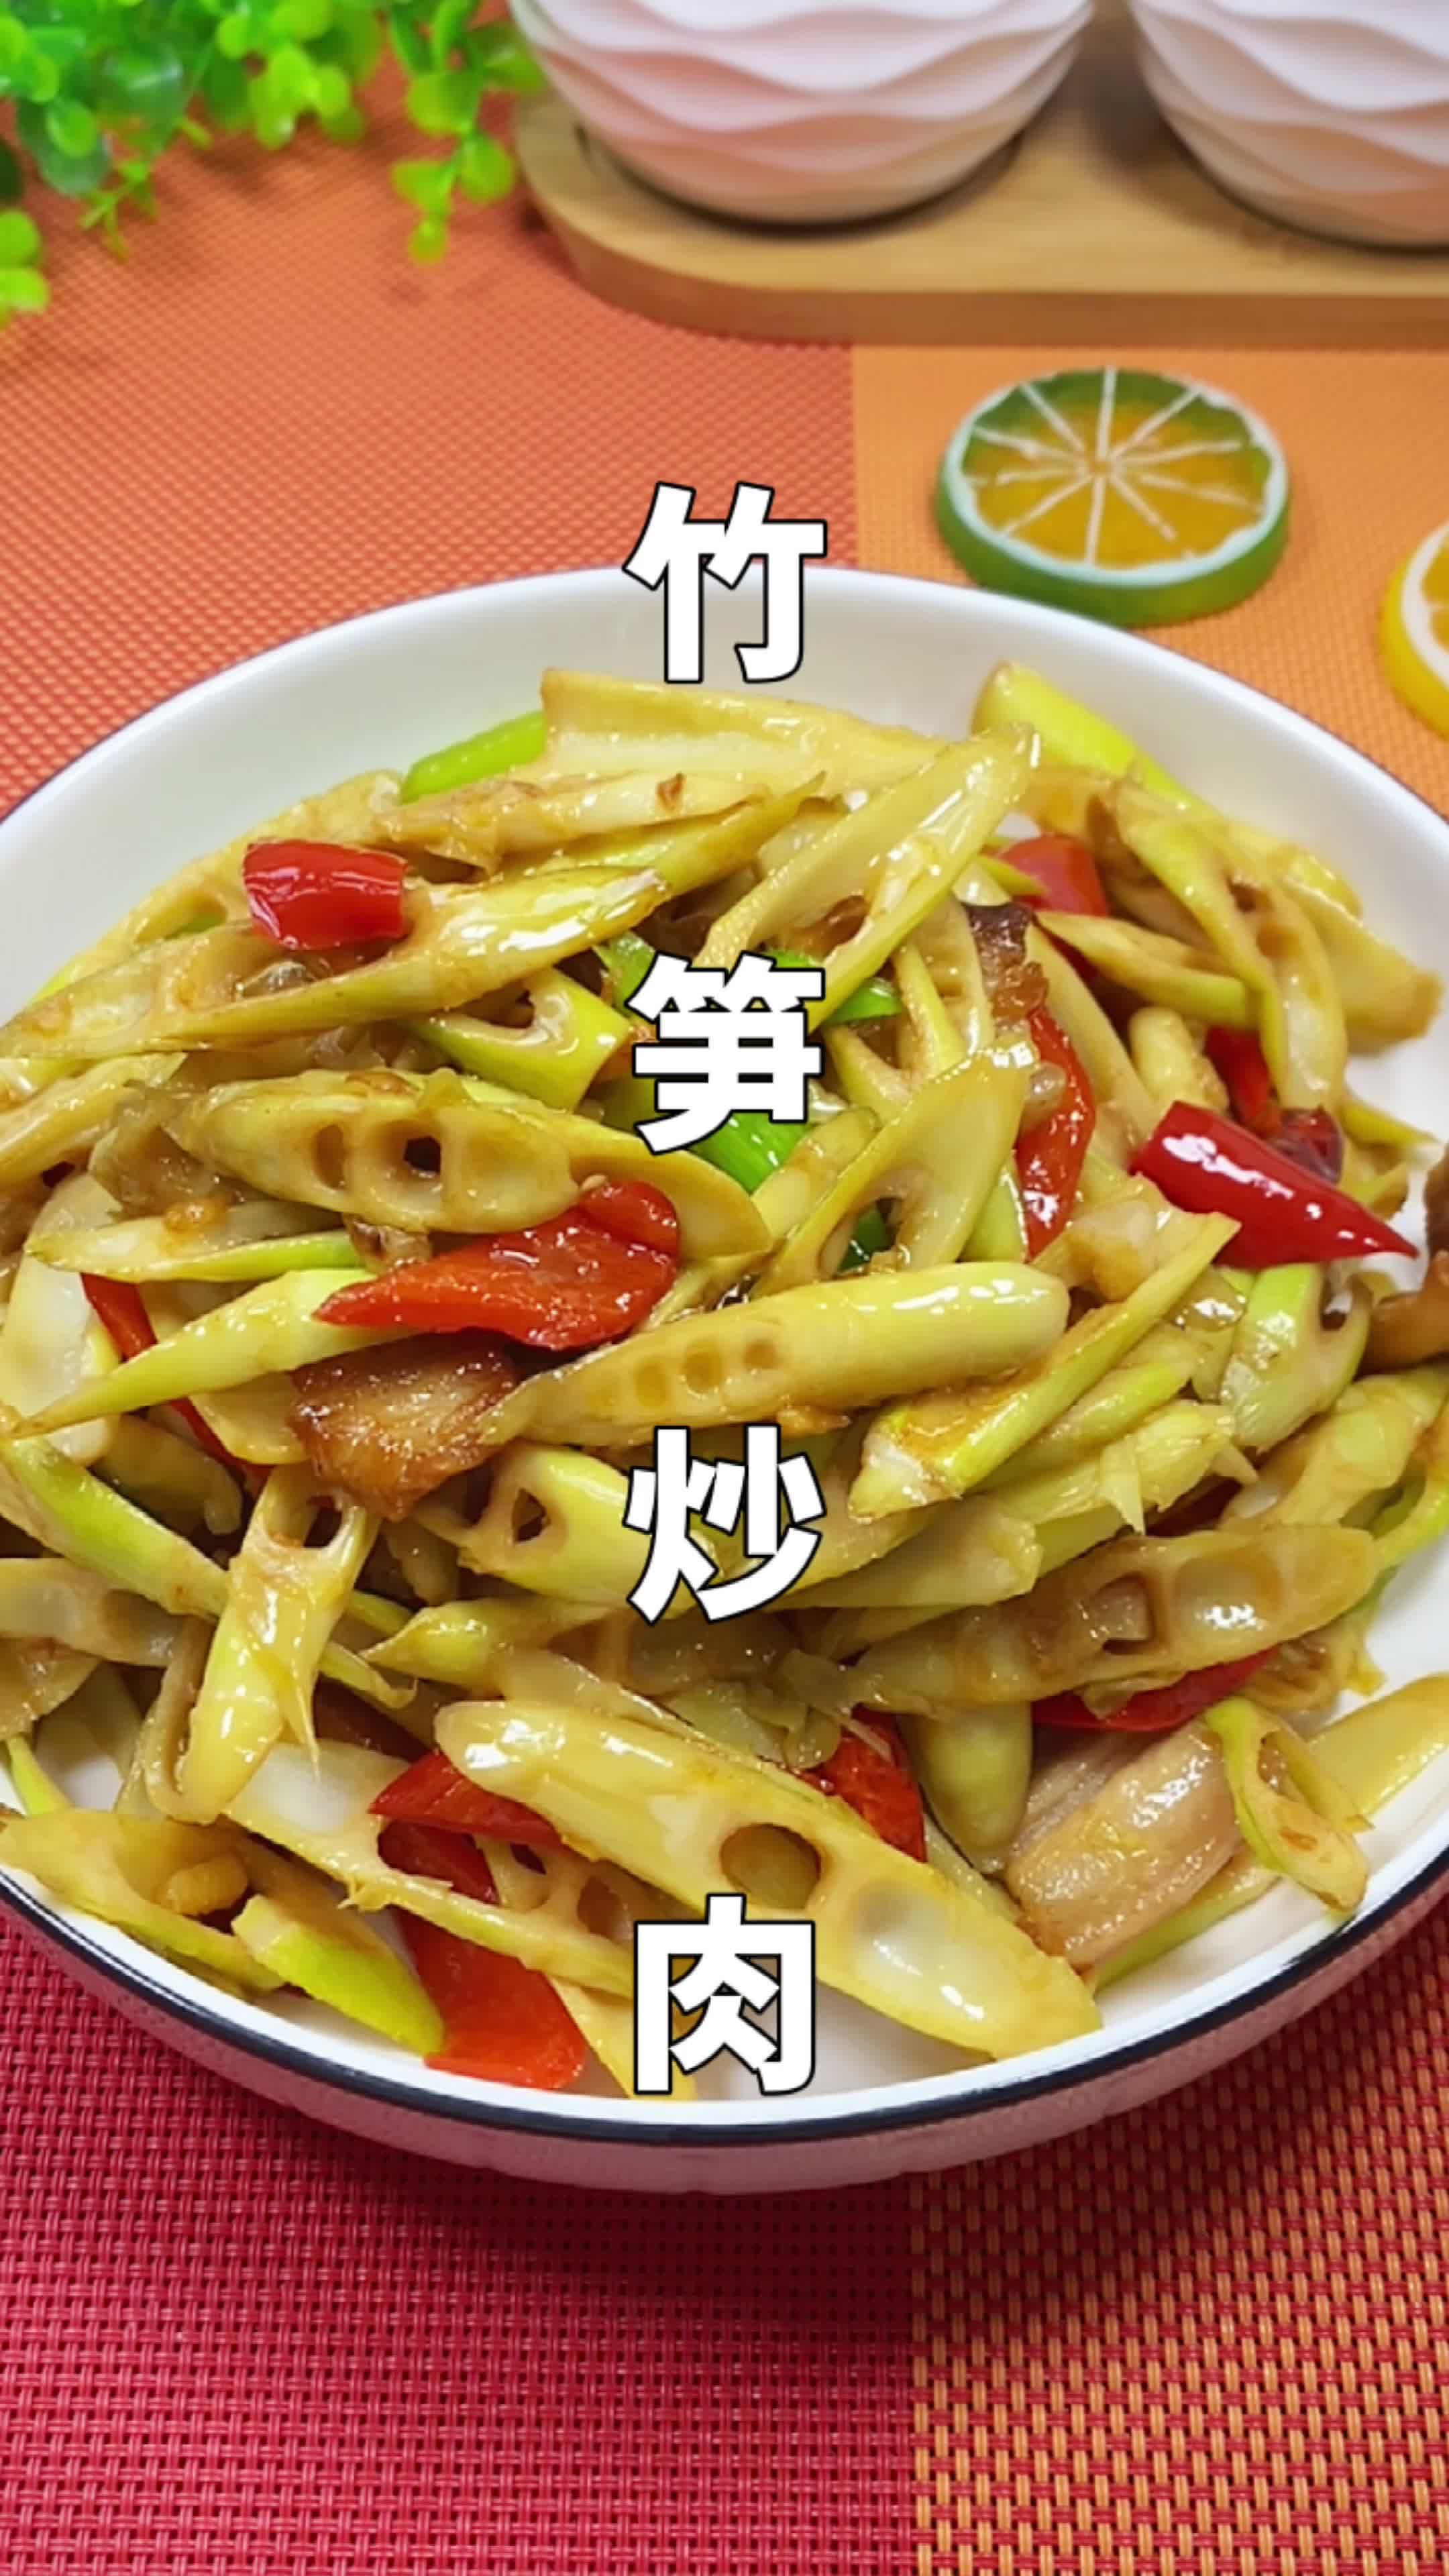 时光美食: 新鲜的小竹笋炒肉,脆嫩爽口,特别费饭。#家常菜#竹笋做法